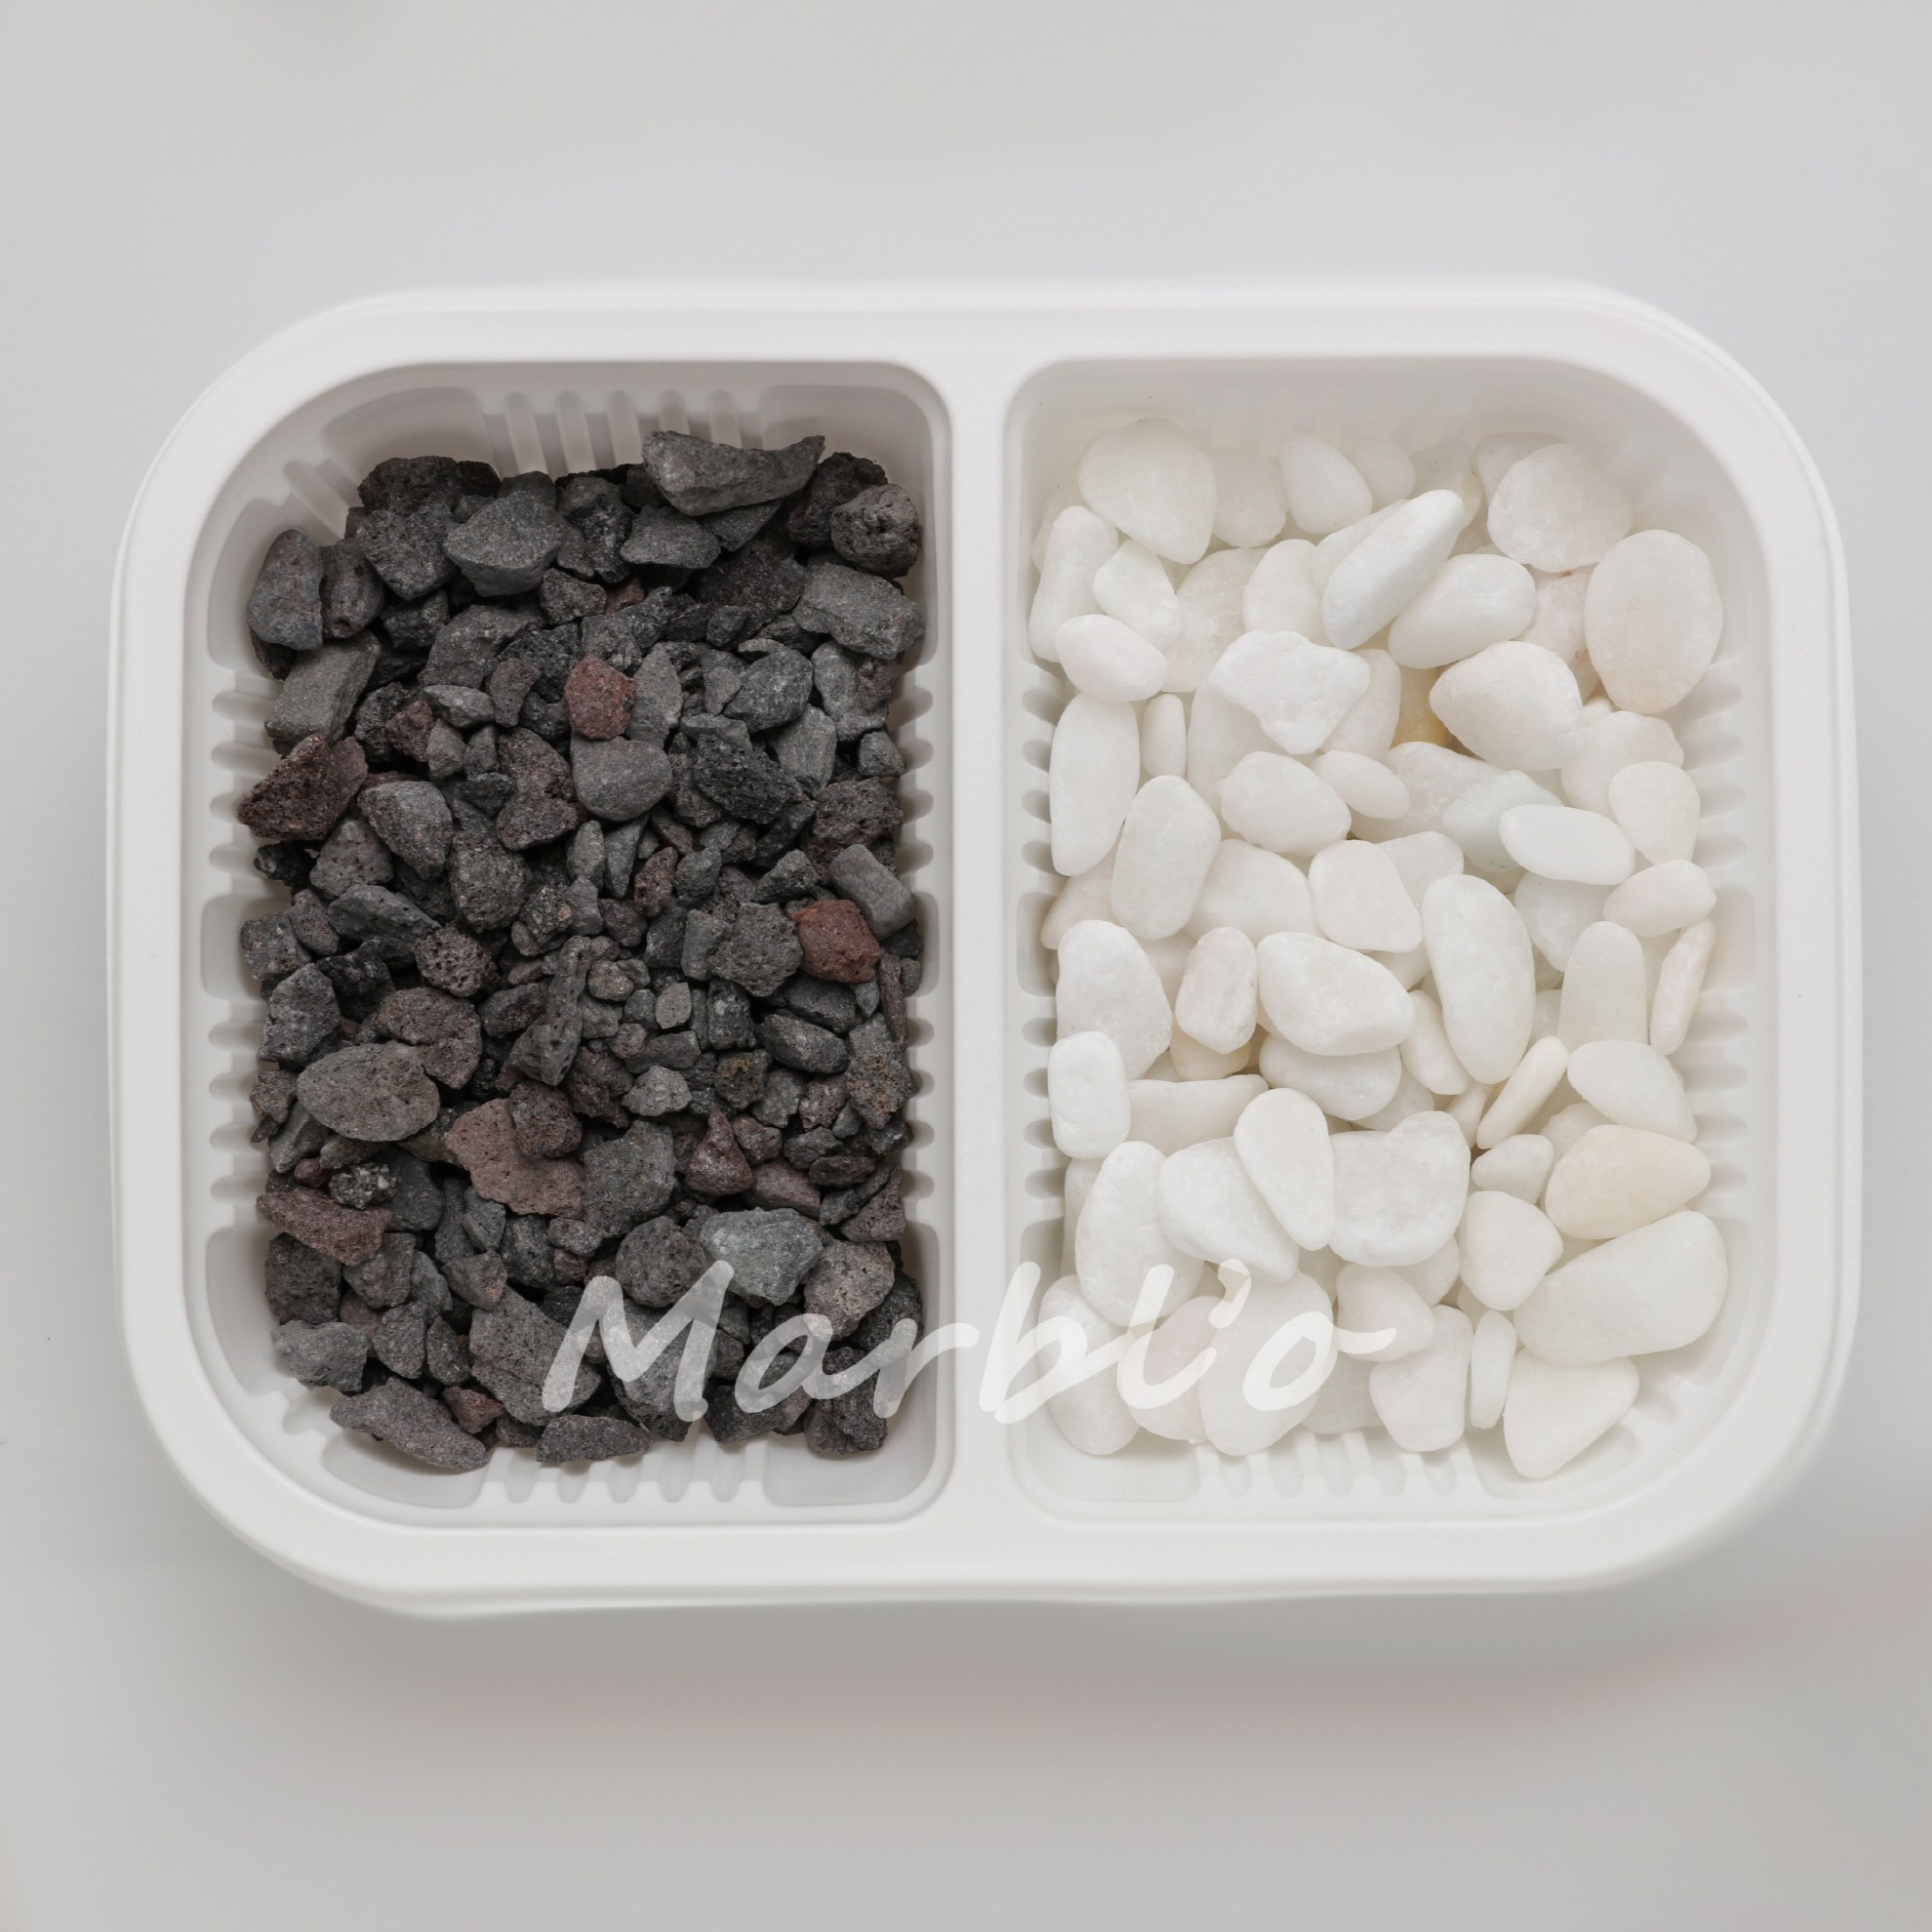 [마블로] 현무암+밀키화이트 2kg(각 1kg) 자갈